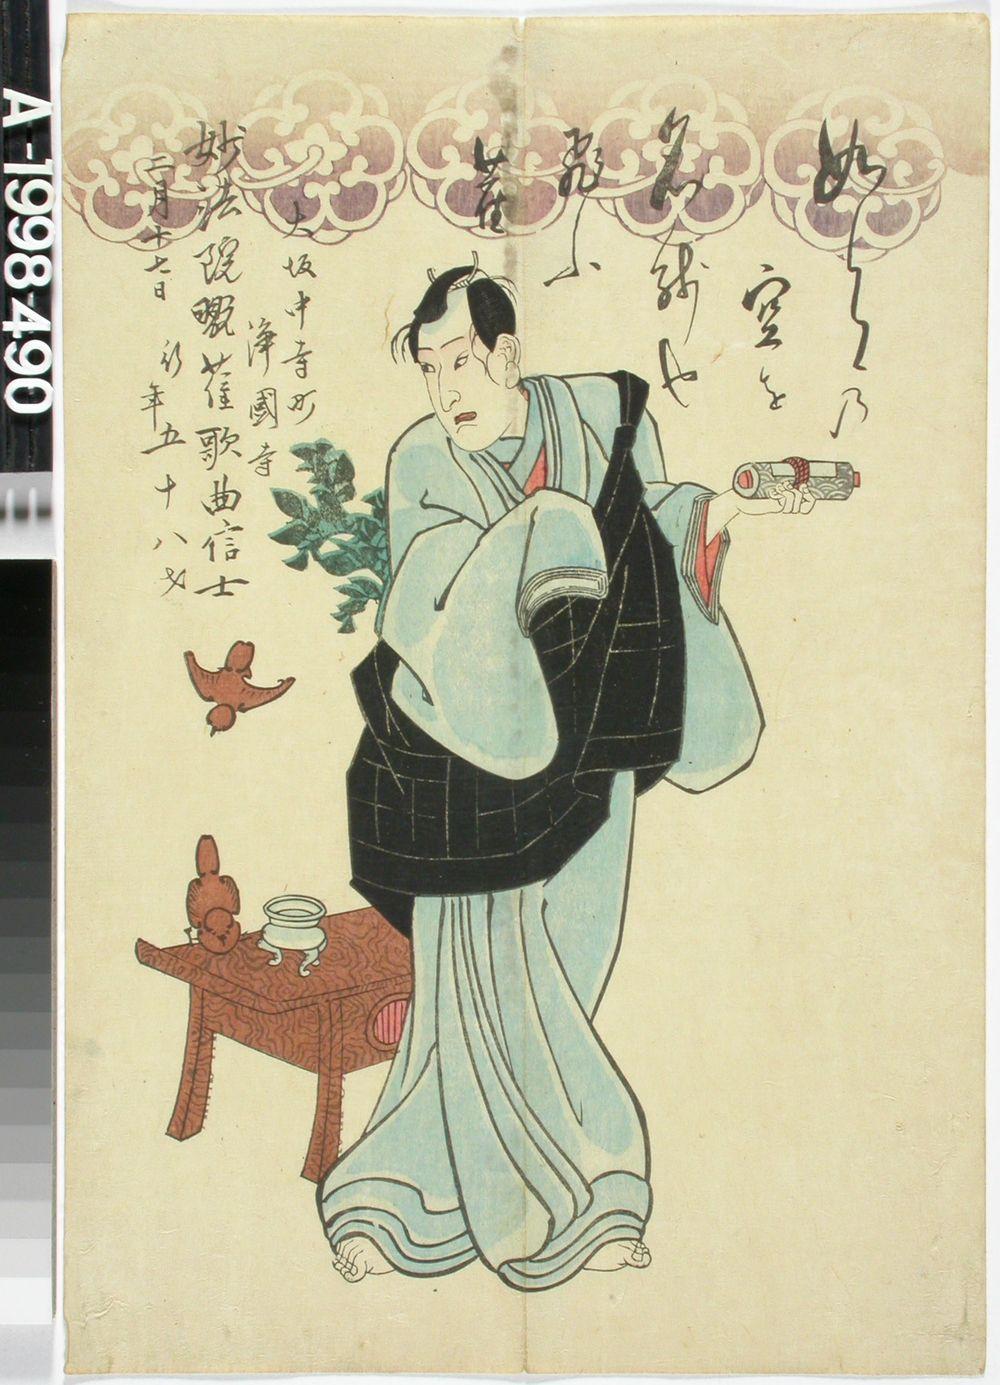 Edesmenneen näyttelijä Nakamura Utaemonin muotokuva. Shini-e